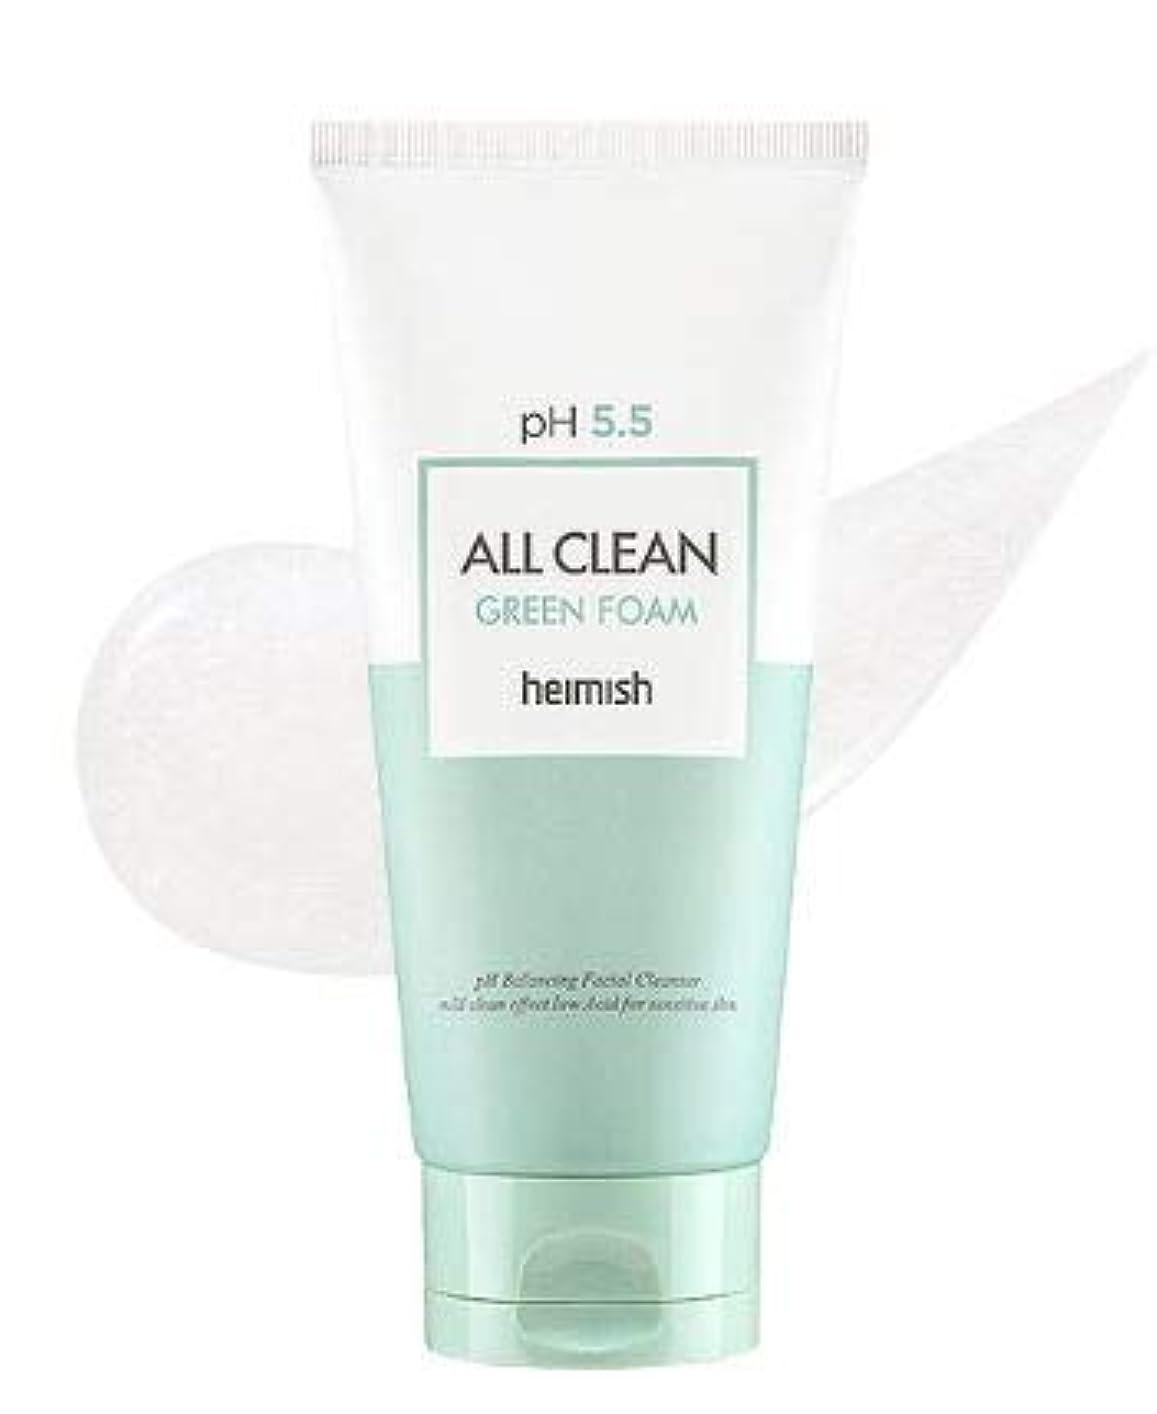 しょっぱいヒゲ押し下げる[heimish] All Clean Green Foam 150g / [ヘイミッシュ] オールクリーン グリーン フォーム 150g [並行輸入品]